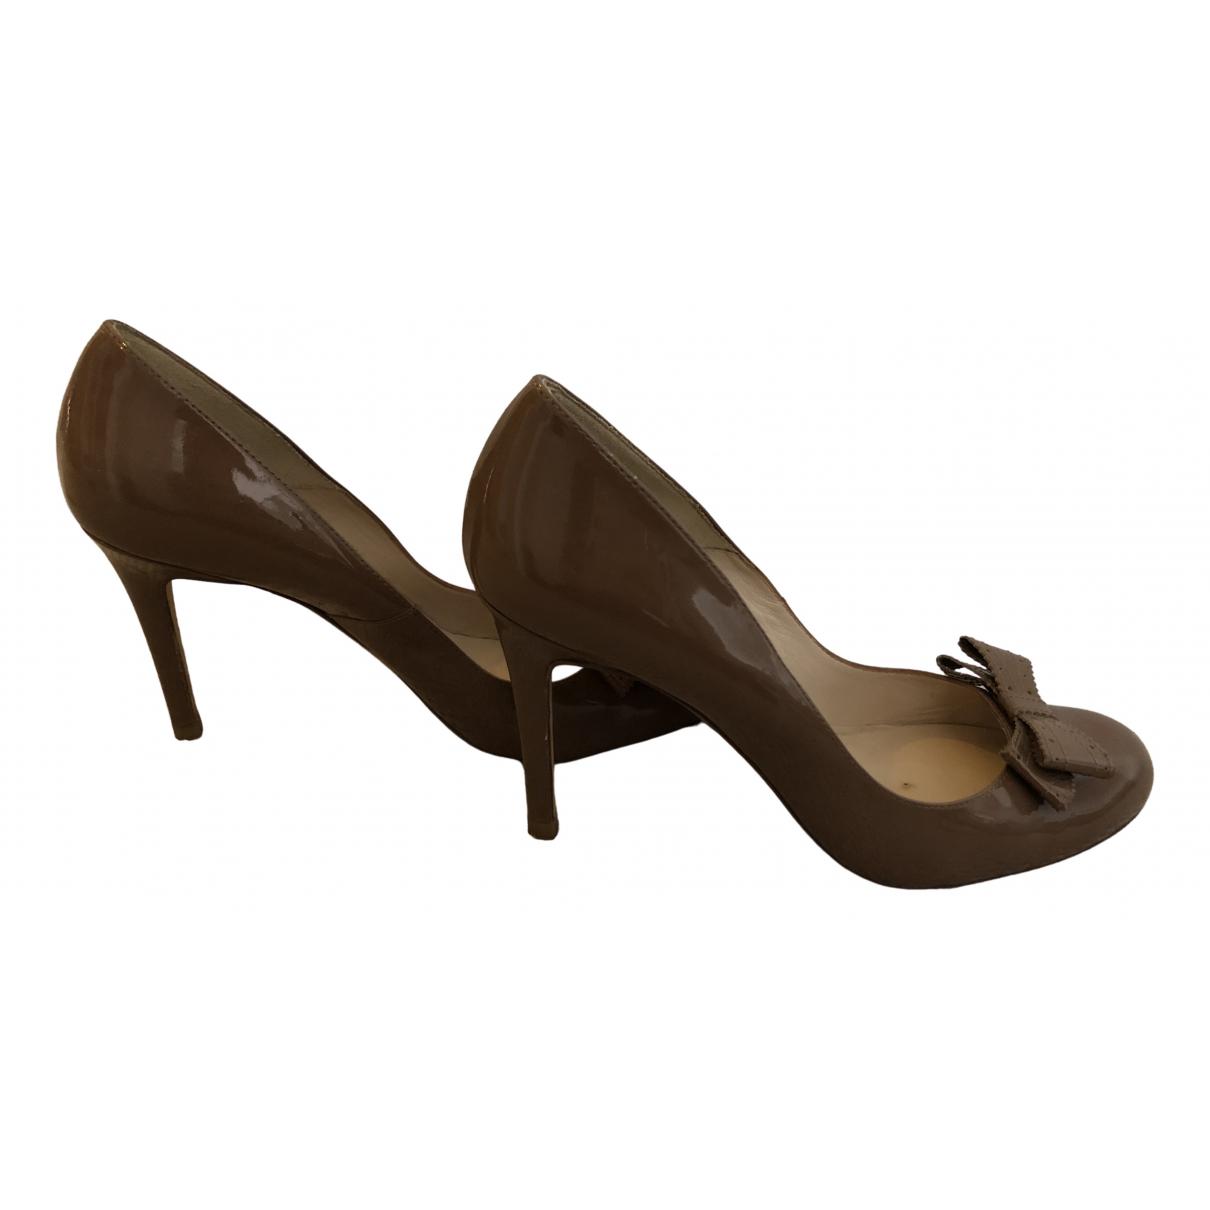 Lk Bennett \N Brown Patent leather Heels for Women 7 UK